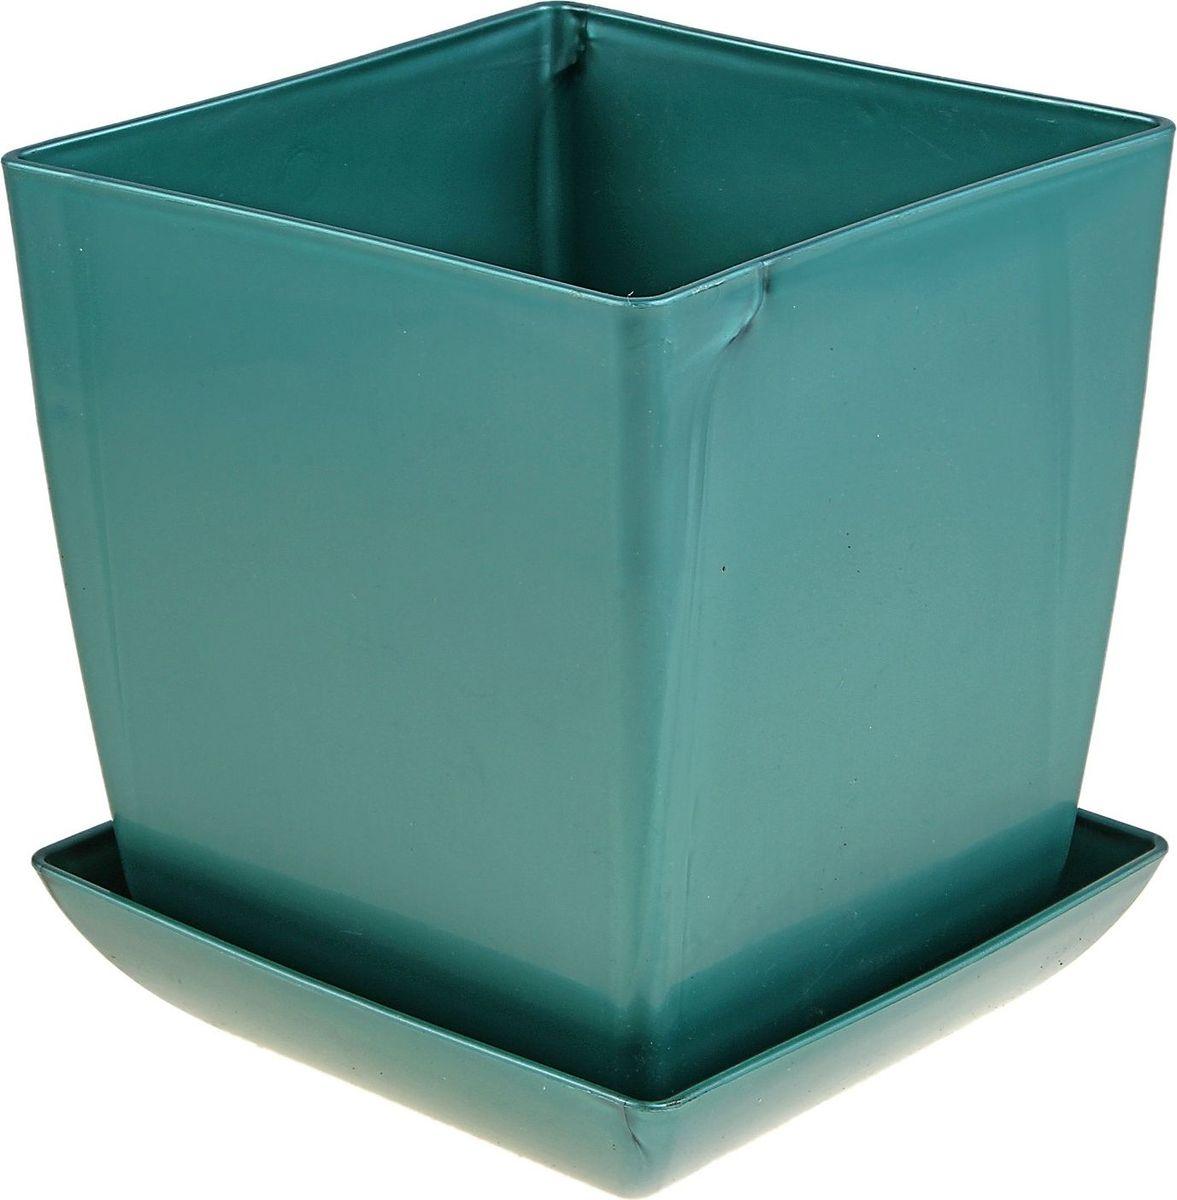 Горшок для цветов Мегапласт Квадрат, с поддоном, цвет: бирюзовый перламутр, 3,5 л531-105Любой, даже самый современный и продуманный интерьер будет не завершённым без растений. Они не только очищают воздух и насыщают его кислородом, но и заметно украшают окружающее пространство. Такому полезному члену семьи просто необходимо красивое и функциональное кашпо, оригинальный горшок или необычная ваза! Мы предлагаем - Горшок для цветов с поддоном 16х16 см Квадрат 3,5 л, цвет бирюзовый перламутр! Оптимальный выбор материала пластмасса! Почему мы так считаем? Малый вес. С лёгкостью переносите горшки и кашпо с места на место, ставьте их на столики или полки, подвешивайте под потолок, не беспокоясь о нагрузке. Простота ухода. Пластиковые изделия не нуждаются в специальных условиях хранения. Их легко чистить достаточно просто сполоснуть тёплой водой. Никаких царапин. Пластиковые кашпо не царапают и не загрязняют поверхности, на которых стоят. Пластик дольше хранит влагу, а значит растение реже нуждается в поливе. Пластмасса не пропускает воздух корневой системе растения не грозят резкие перепады температур. Огромный выбор форм, декора и расцветок вы без труда подберёте что-то, что идеально впишется в уже существующий интерьер. Соблюдая нехитрые правила ухода, вы можете заметно продлить срок службы горшков, вазонов и кашпо из пластика: всегда учитывайте размер кроны и корневой системы растения (при разрастании большое растение способно повредить маленький горшок)берегите изделие от воздействия прямых солнечных лучей, чтобы кашпо и горшки не выцветалидержите кашпо и горшки из пластика подальше от нагревающихся поверхностей. Создавайте прекрасные цветочные композиции, выращивайте рассаду или необычные растения, а низкие цены позволят вам не ограничивать себя в выборе.